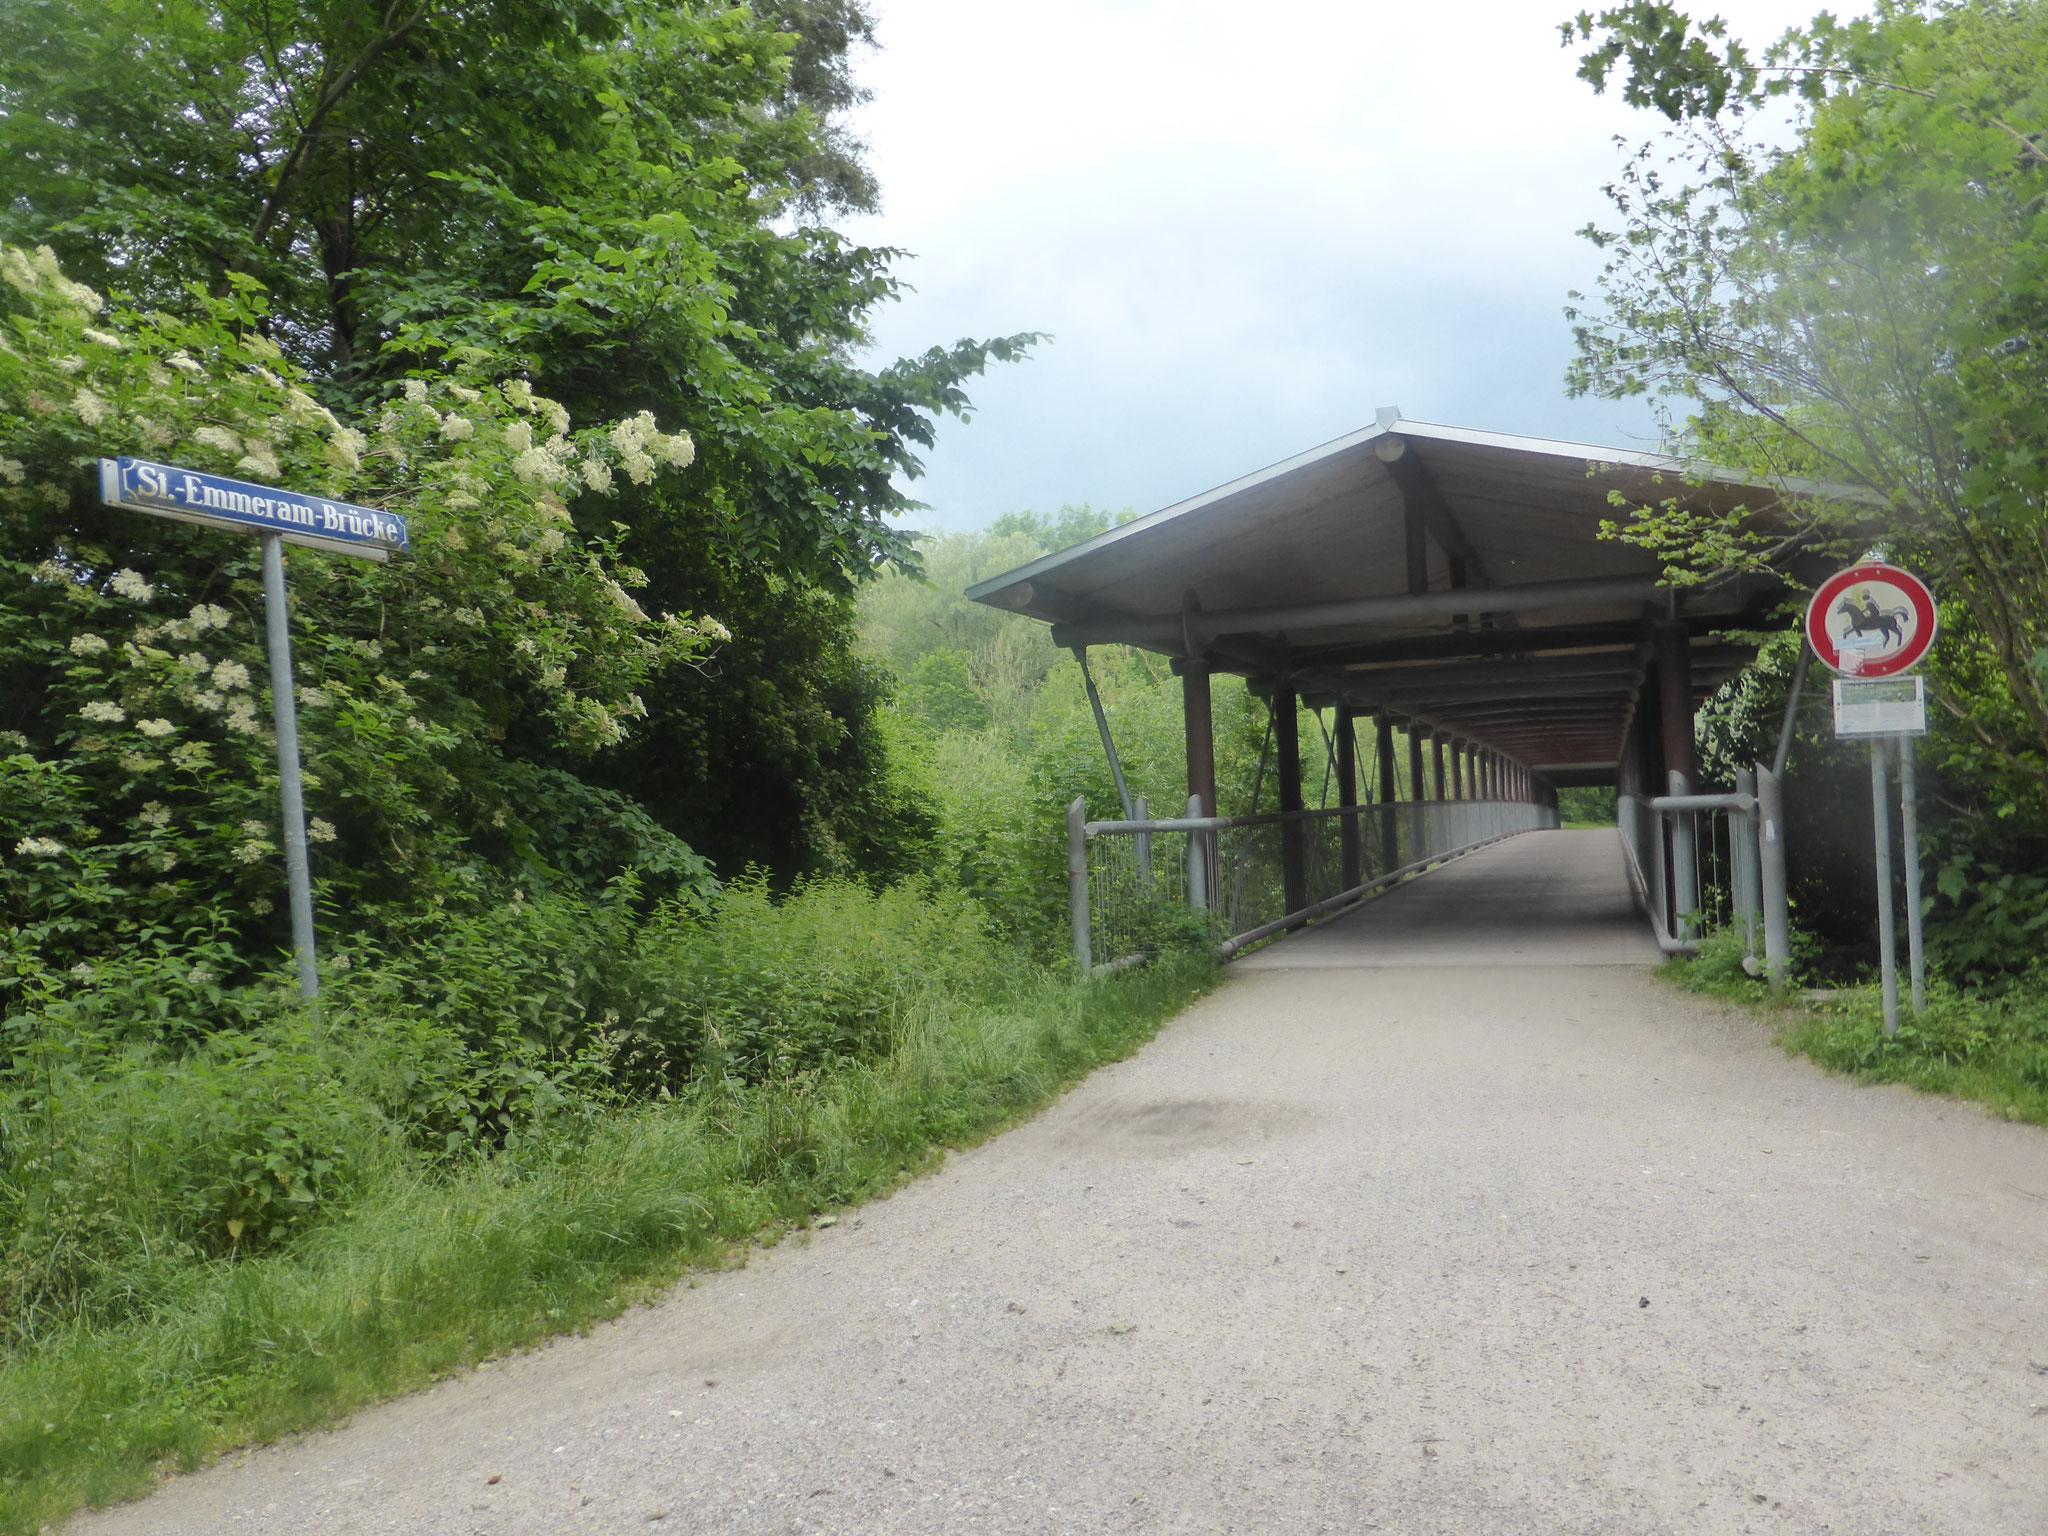 Holzbrücke St. Emmeram